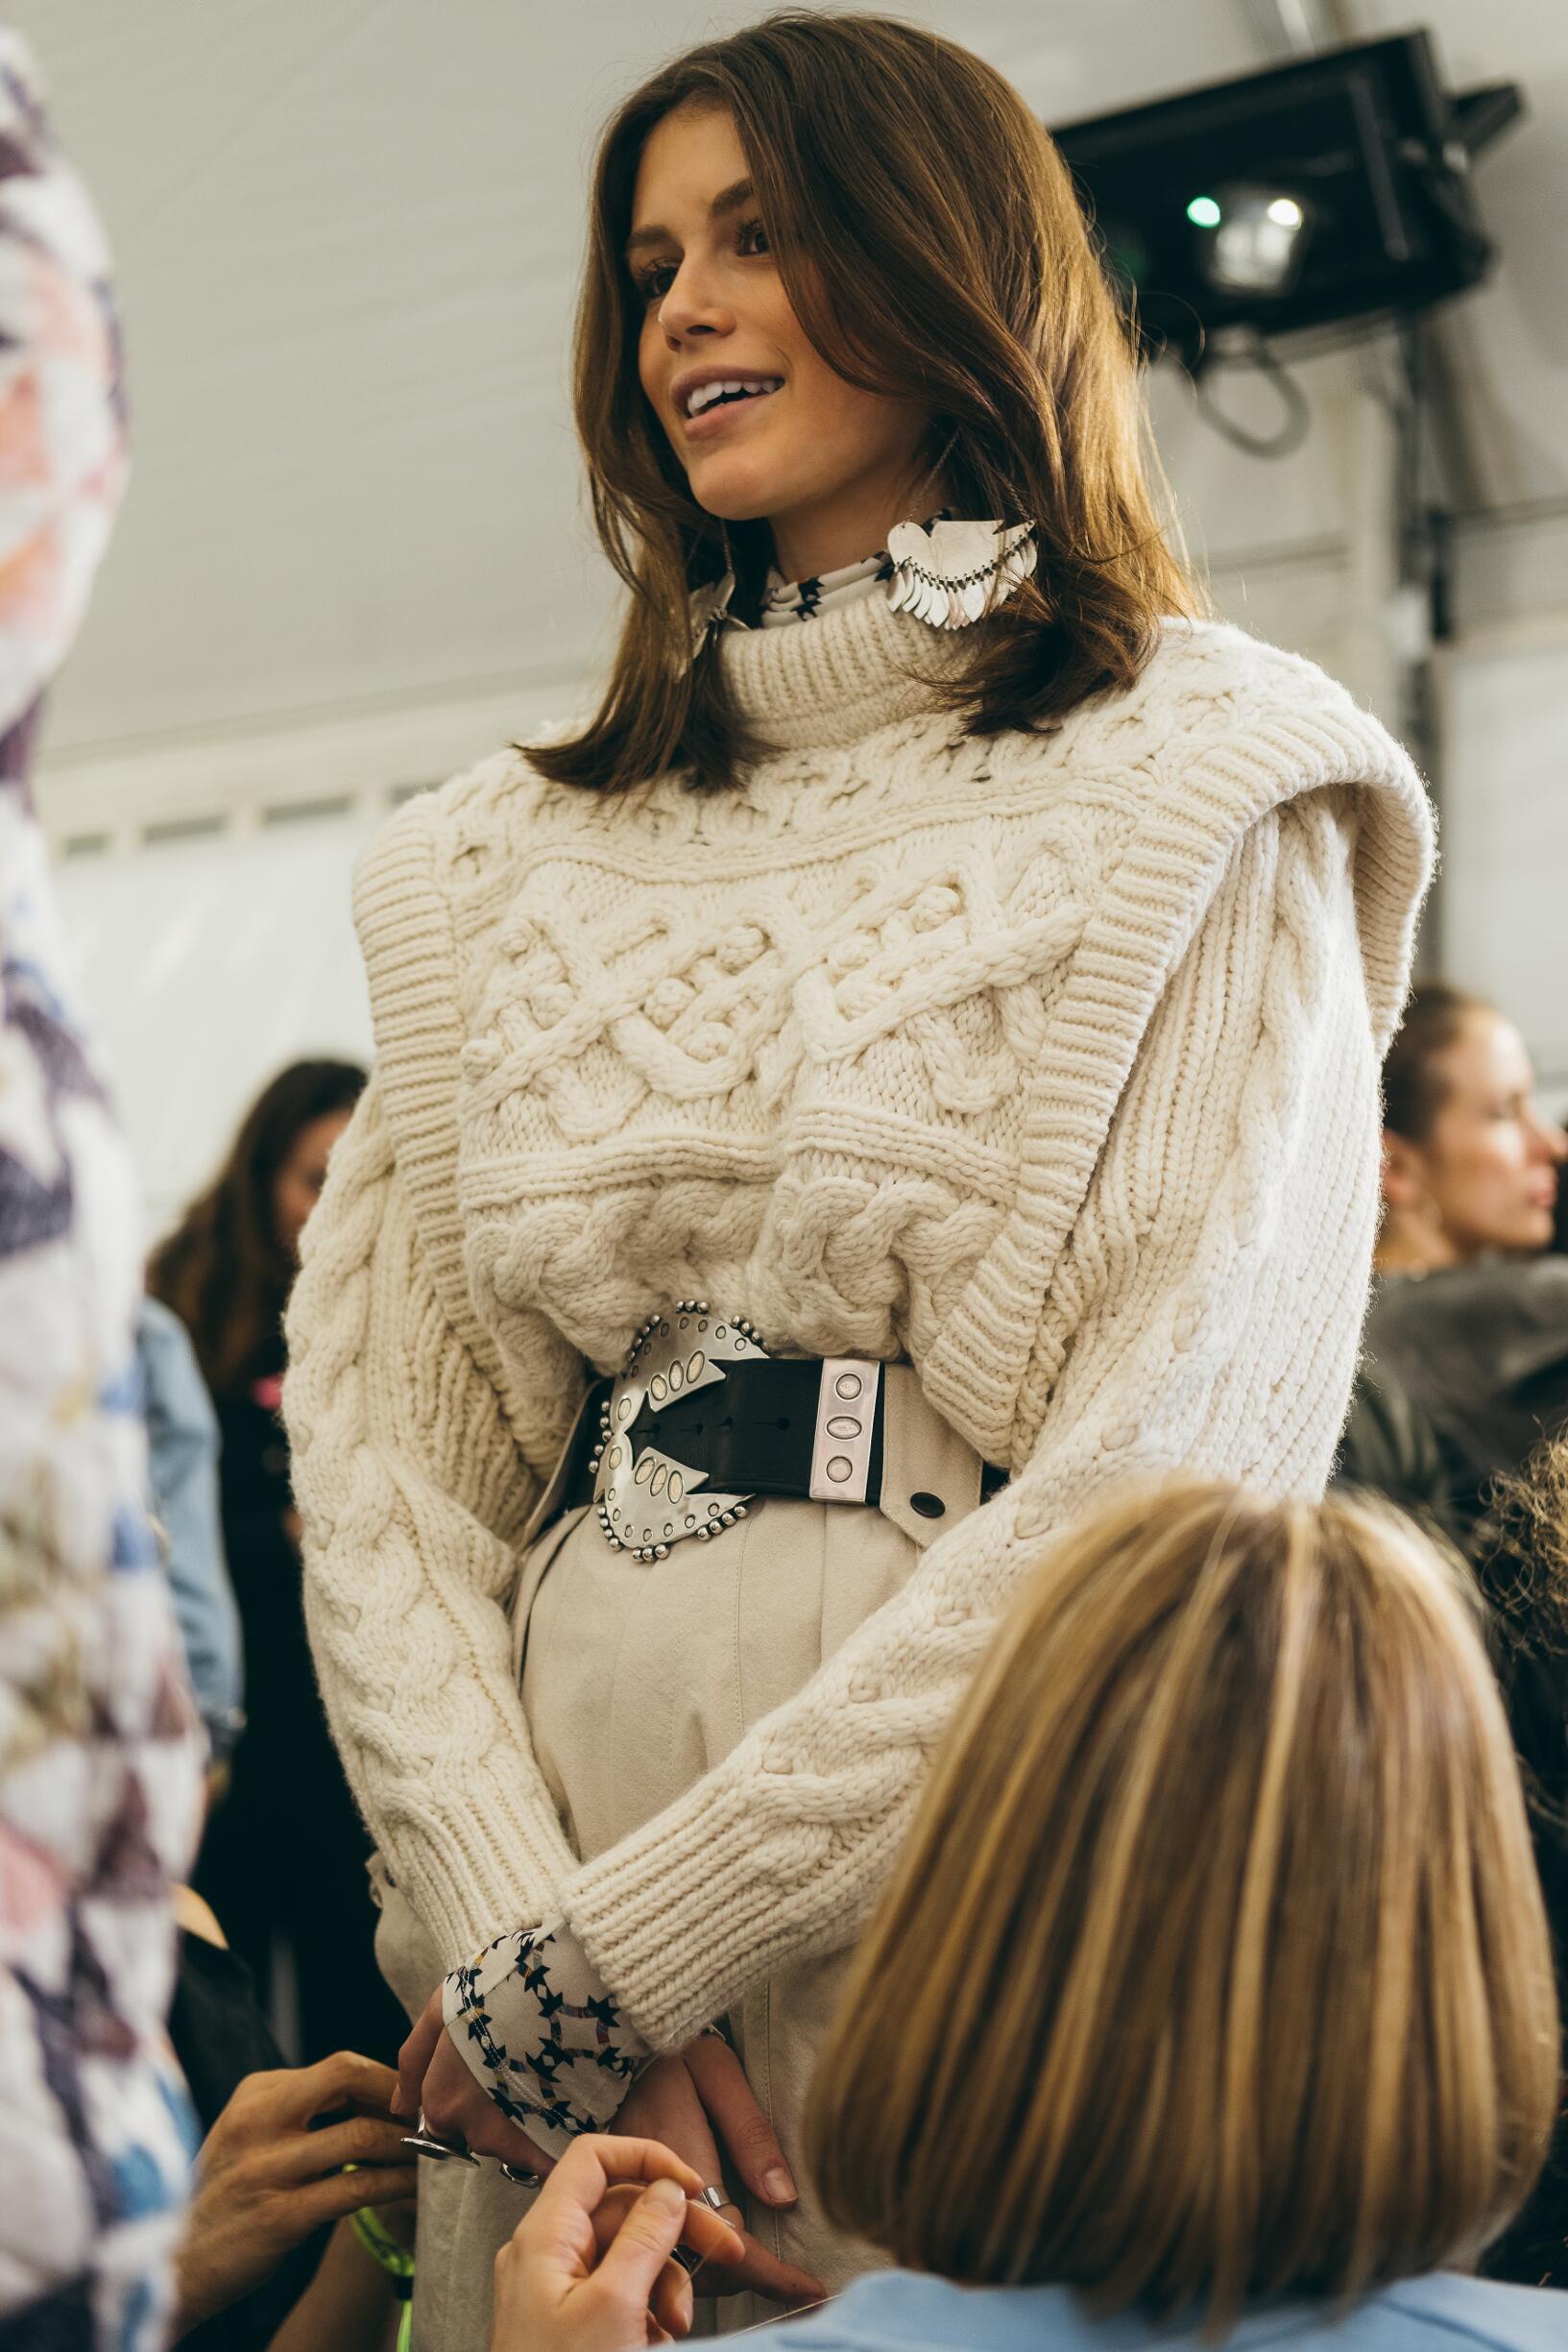 Model 2019 Backstage Isabel Marant